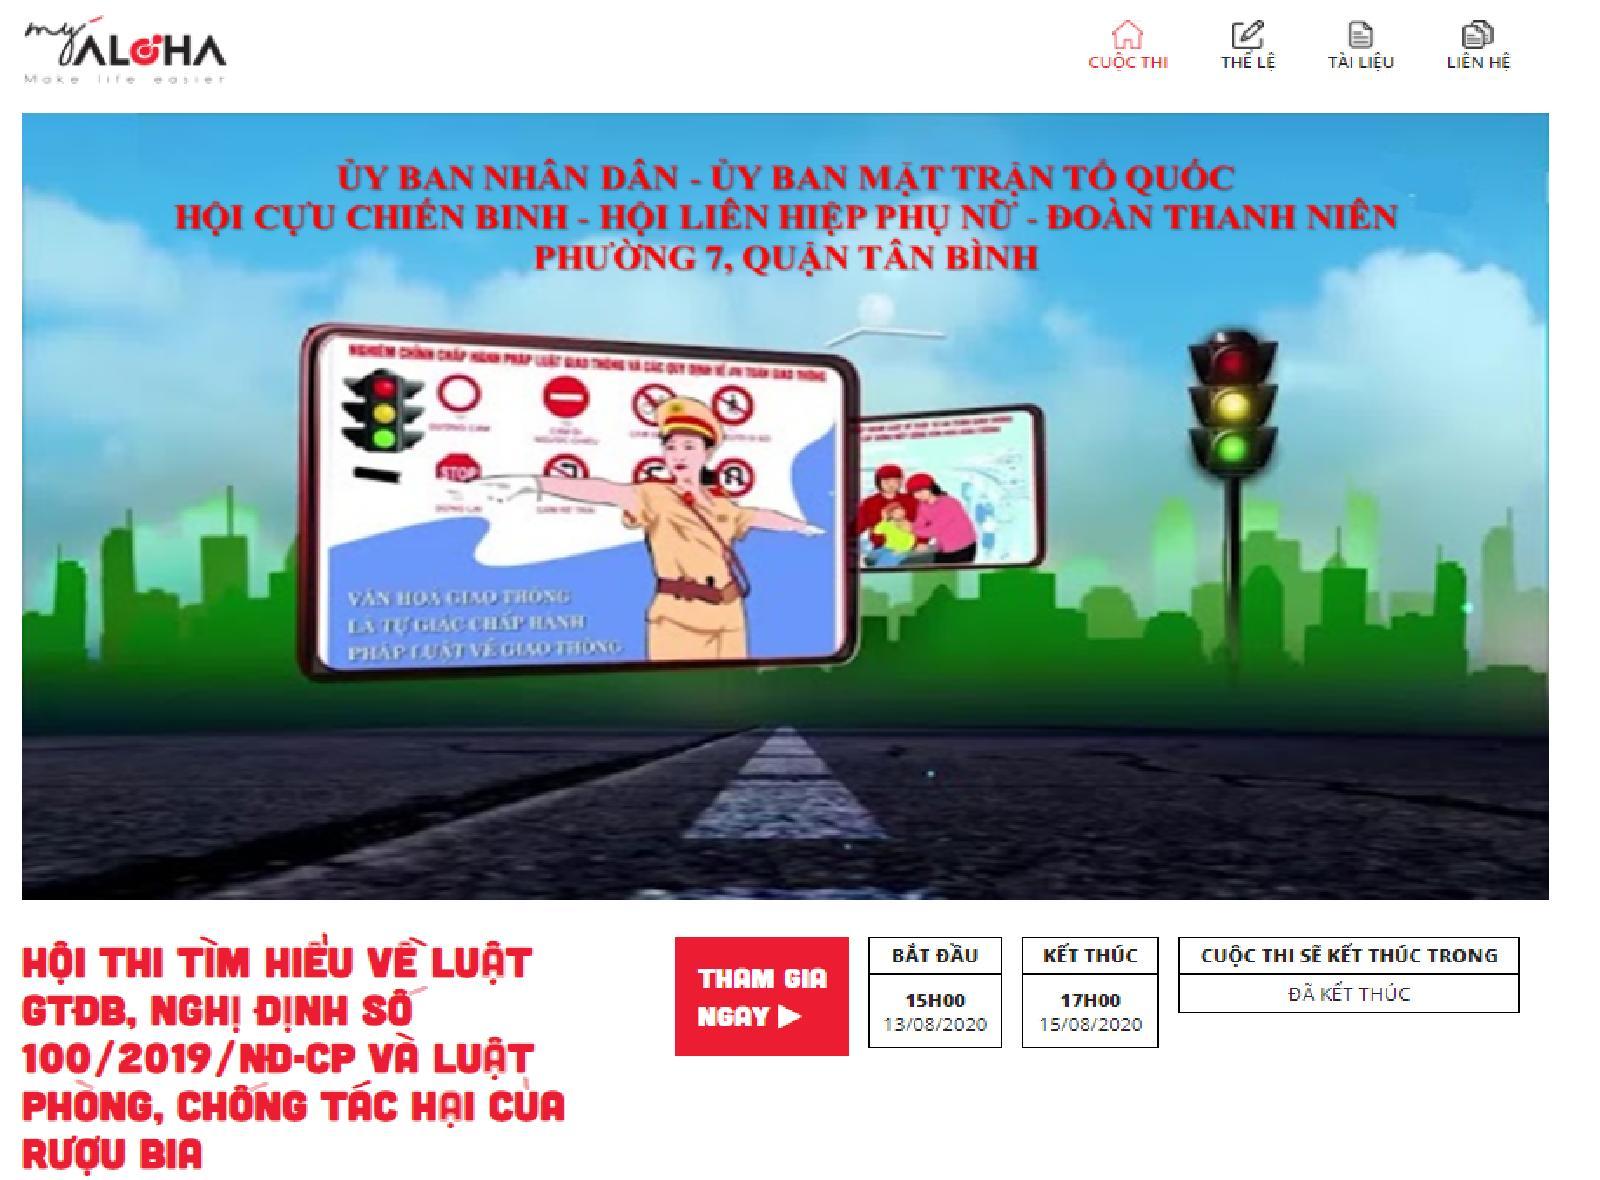 Phường 7: tổ chức Hội thi trực tuyến tìm hiểu về Luật Giao thông đường bộ